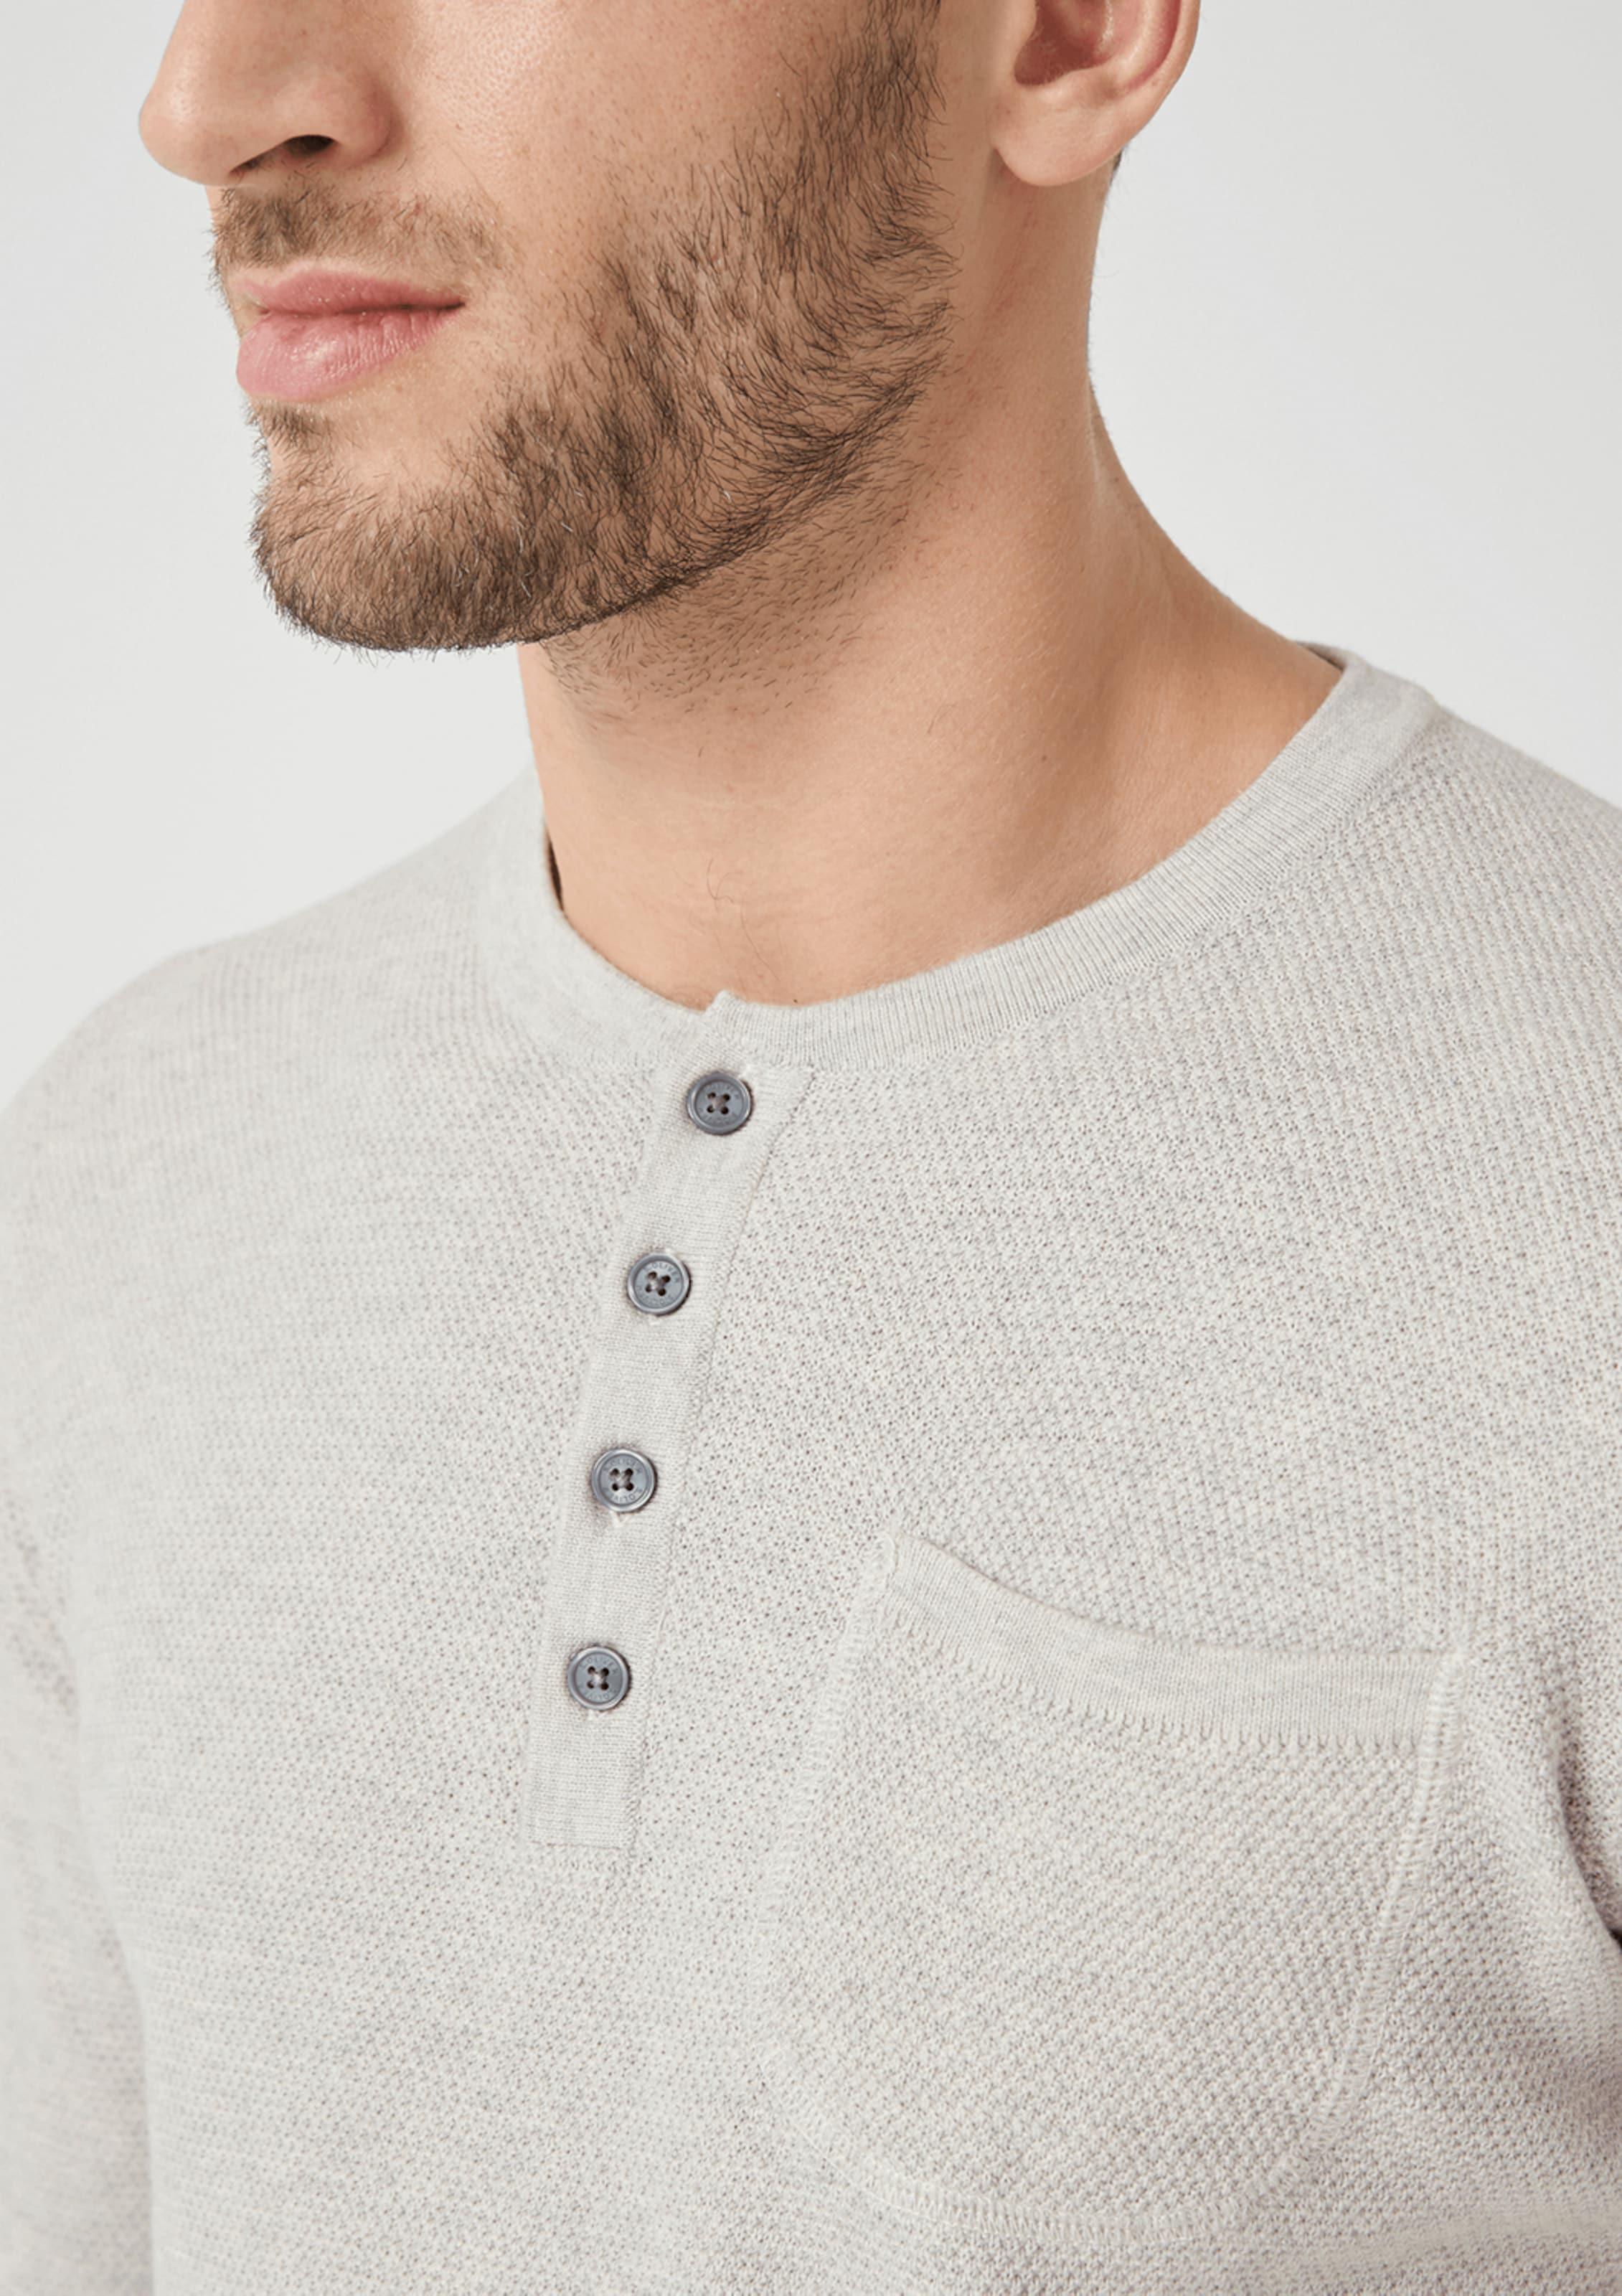 Pullover Pullover In oliver GrauNaturweiß oliver oliver GrauNaturweiß In S S S Pullover 9DE2WHI